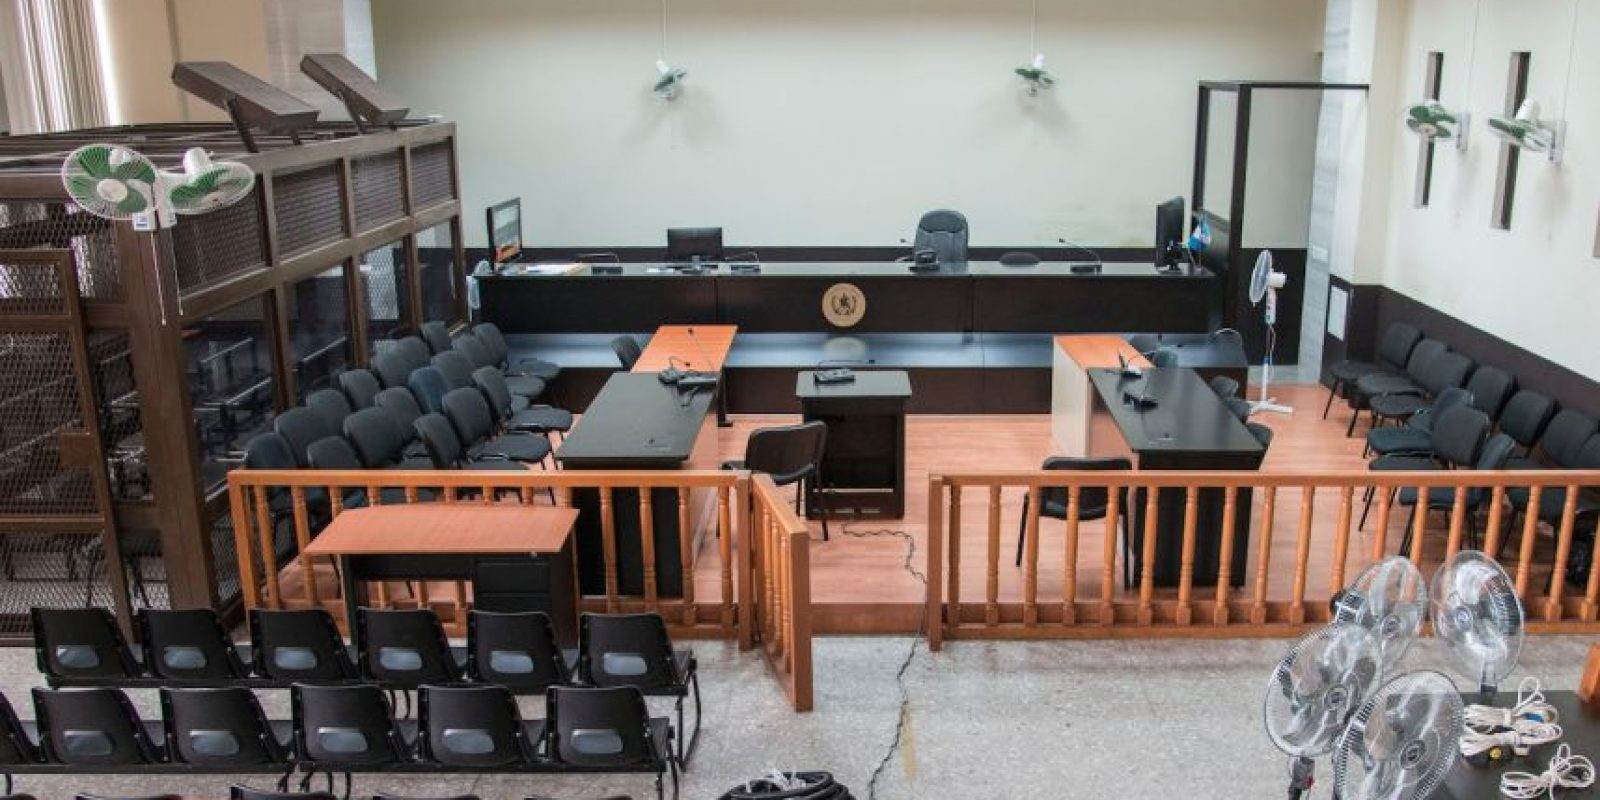 La sala que se usará. Foto:Luis Nájera